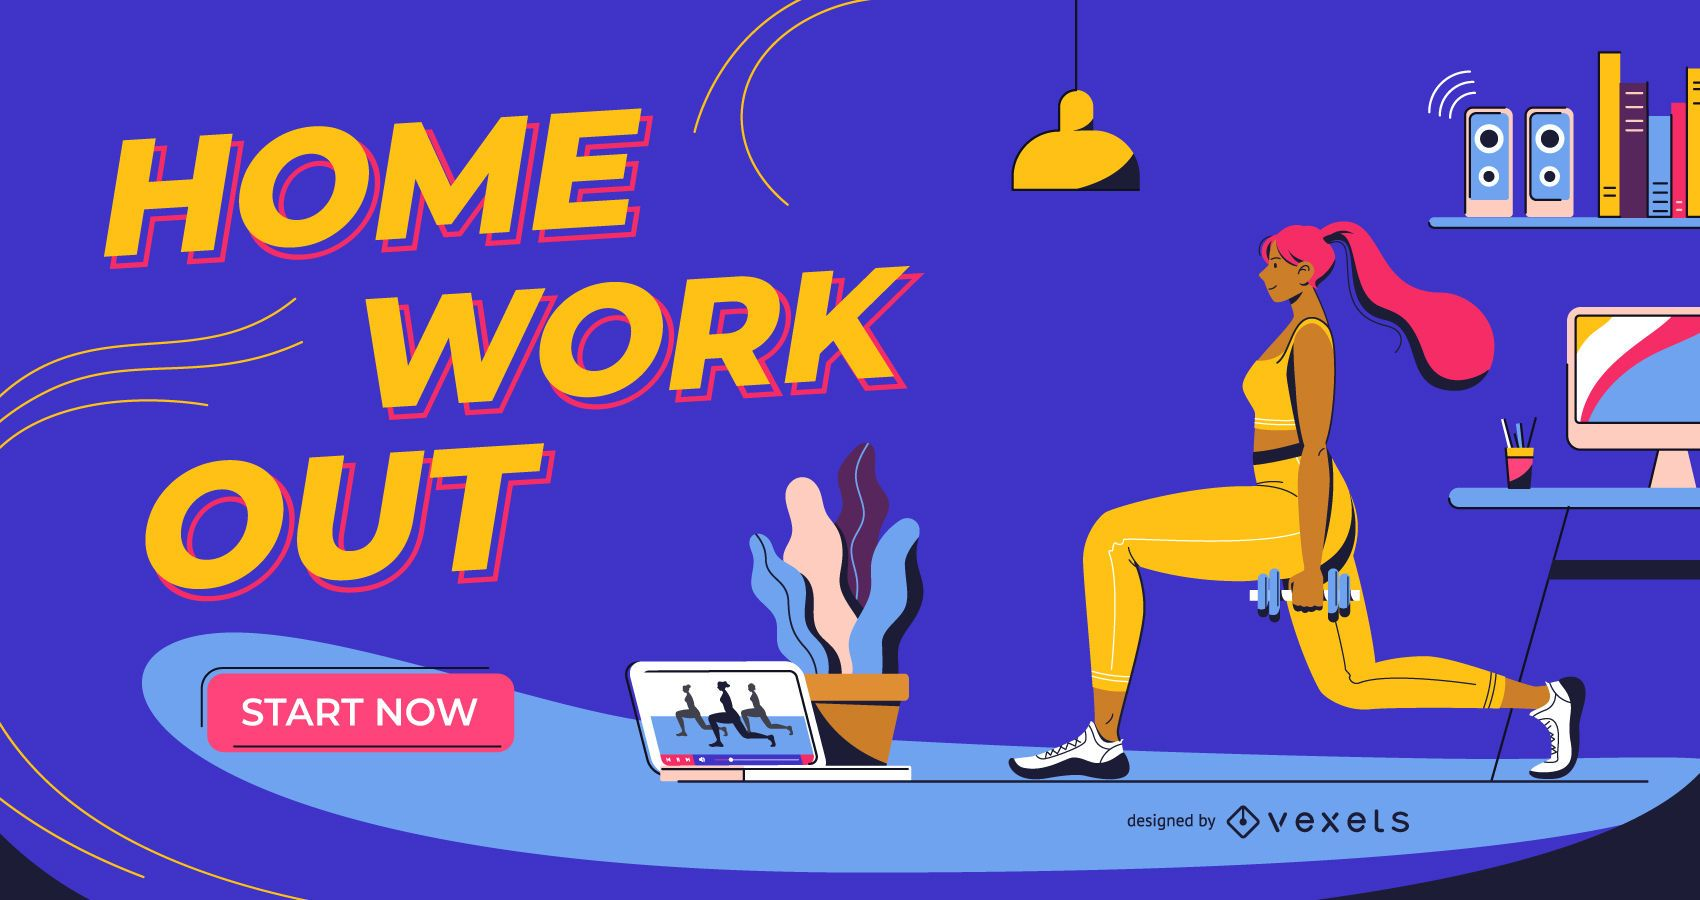 Home Workout Slider Design